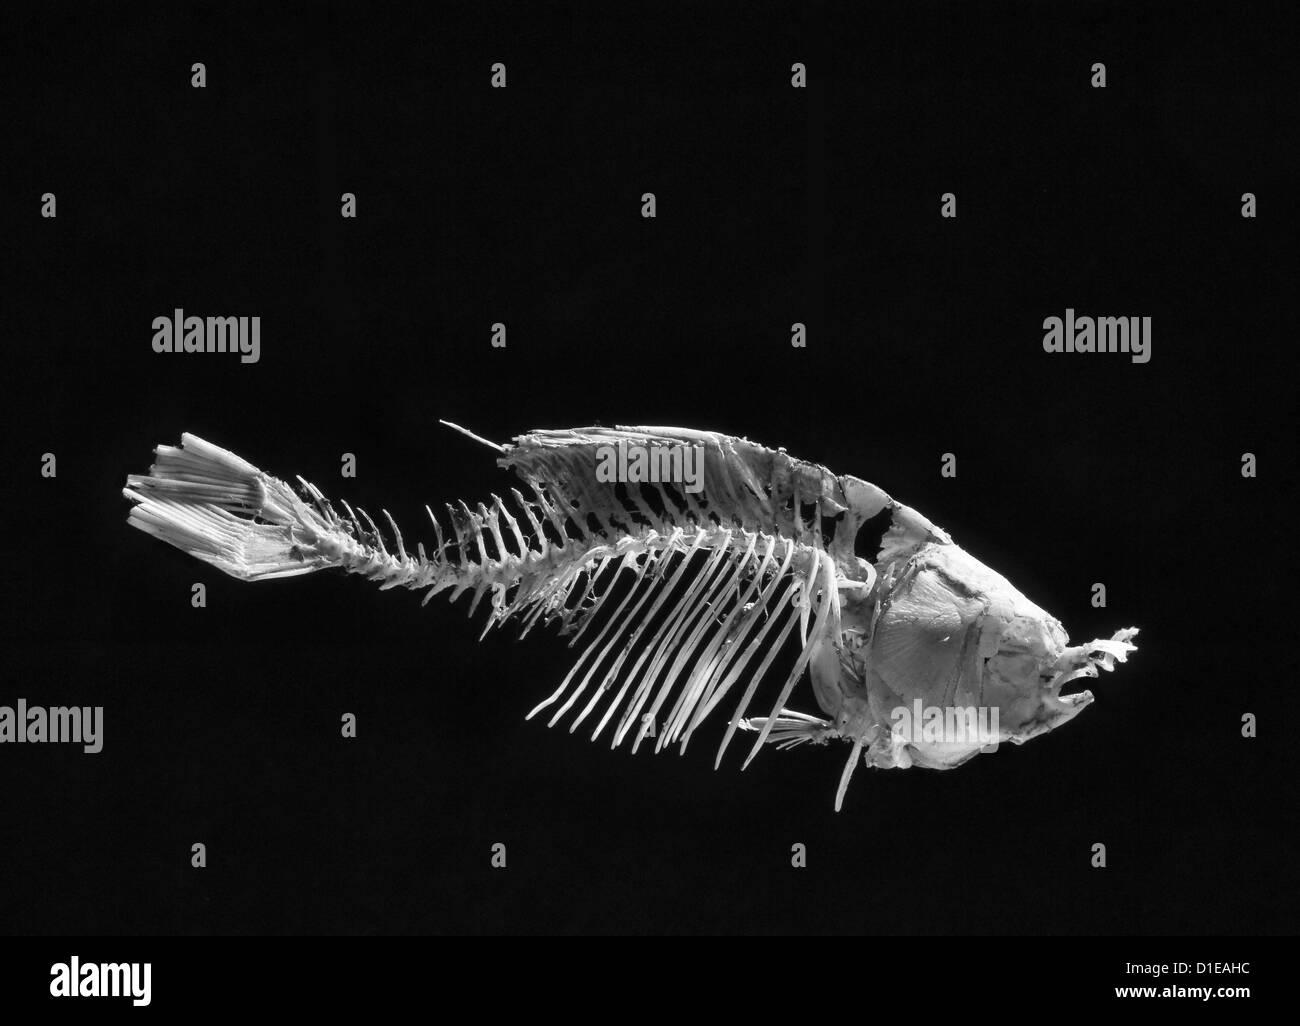 Un esqueleto de pescado, b/w sobre un fondo negro Imagen De Stock